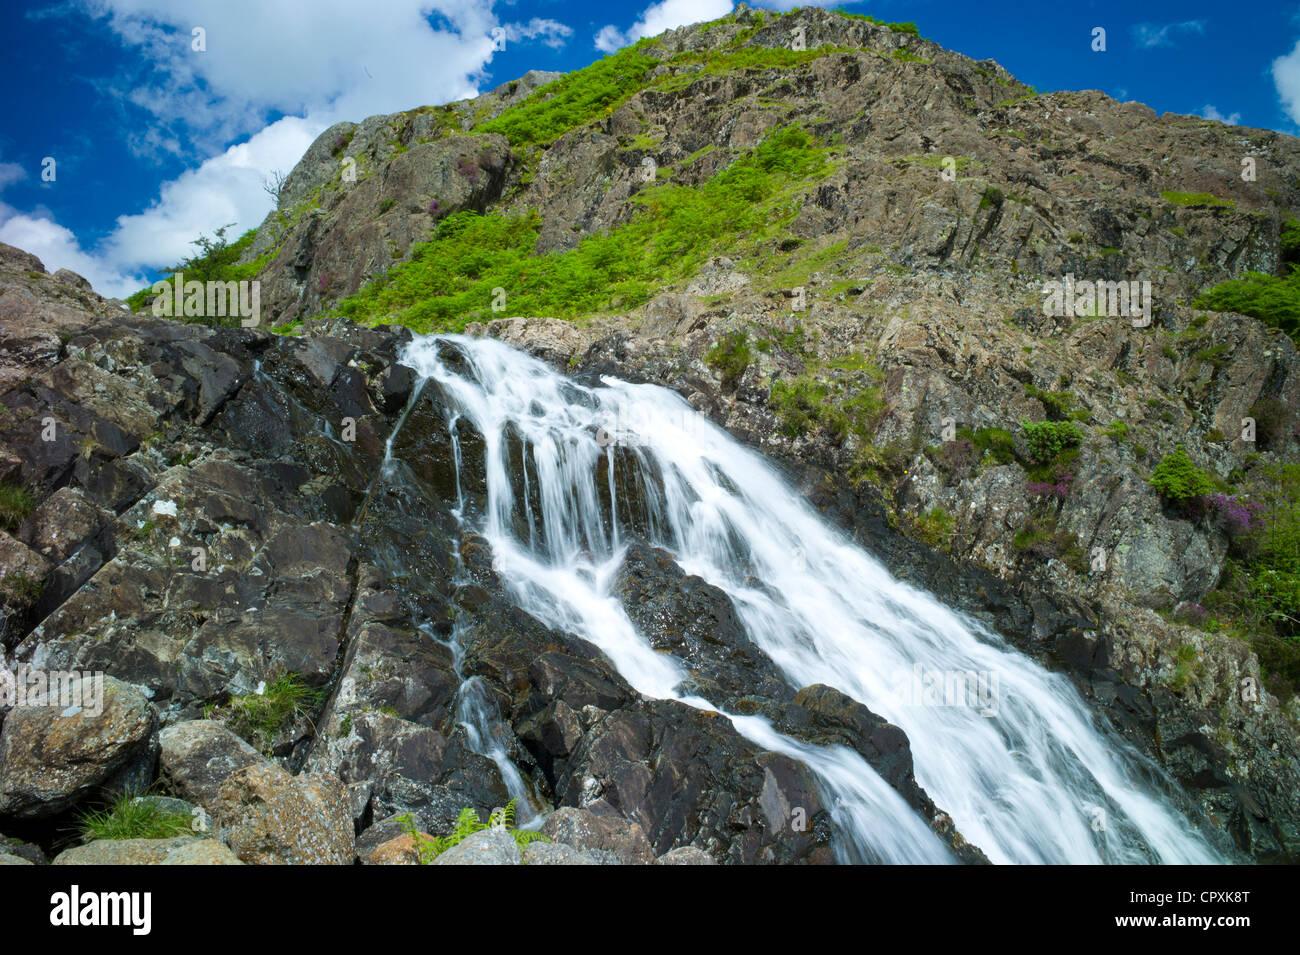 Lakeland campiña y cascada en Easedale ghyll en el Lake District National Park, Cumbria, Reino Unido Imagen De Stock